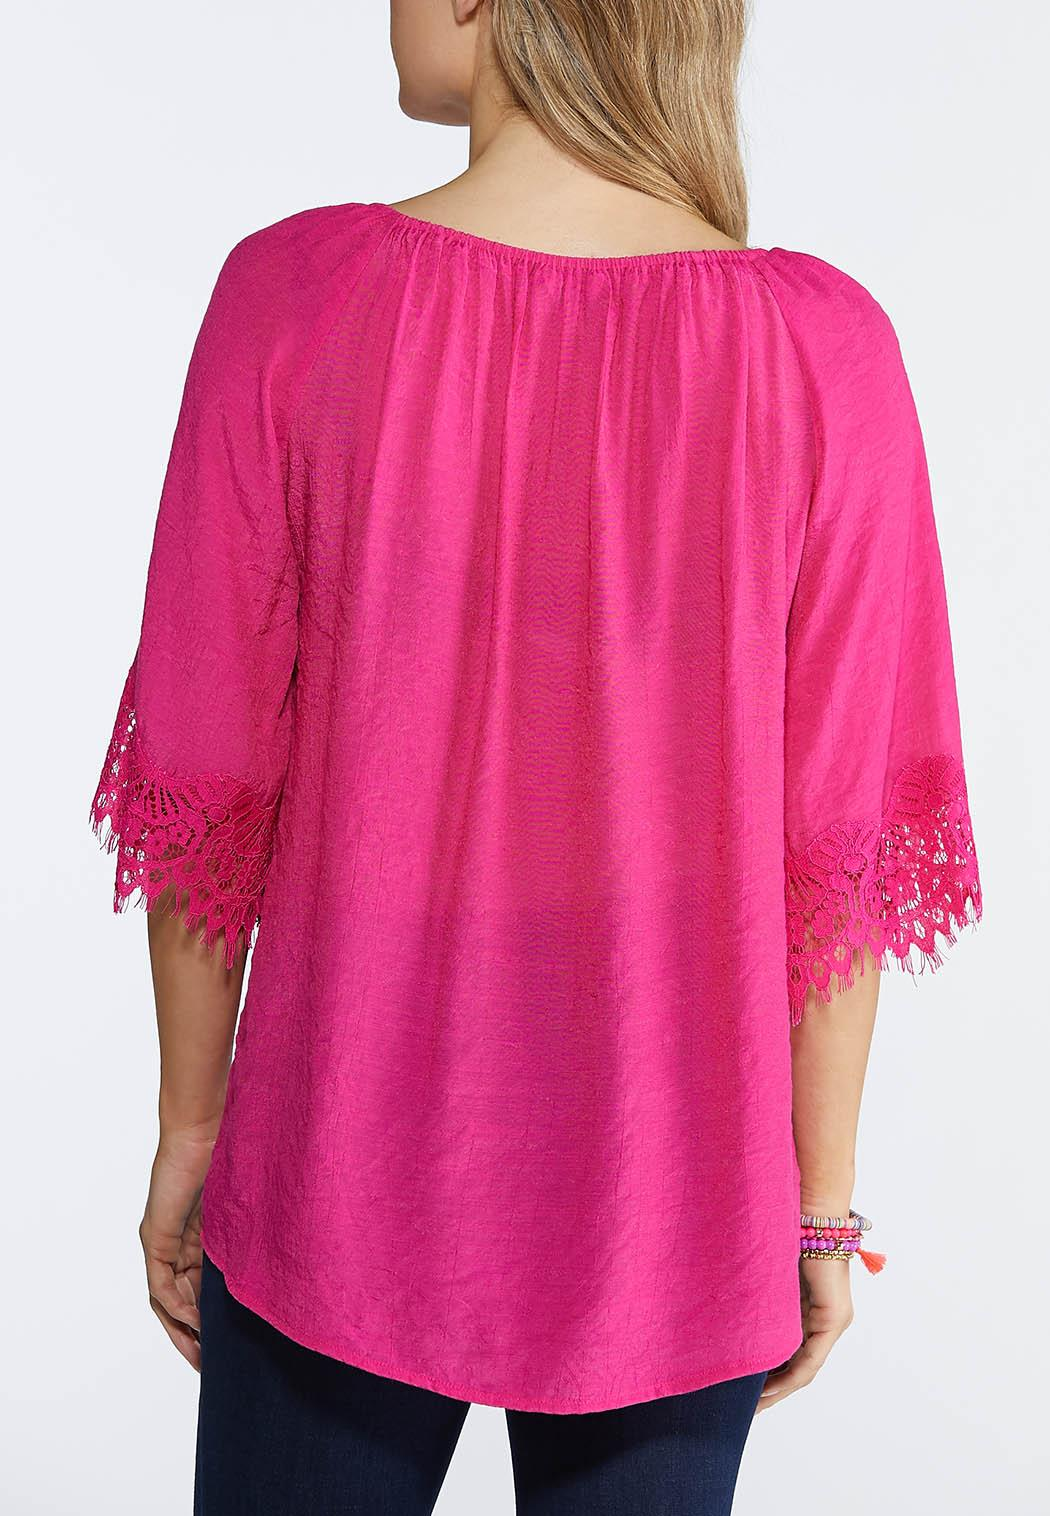 Plus Size Lace Trim Off The Shoulder Top (Item #43871643)